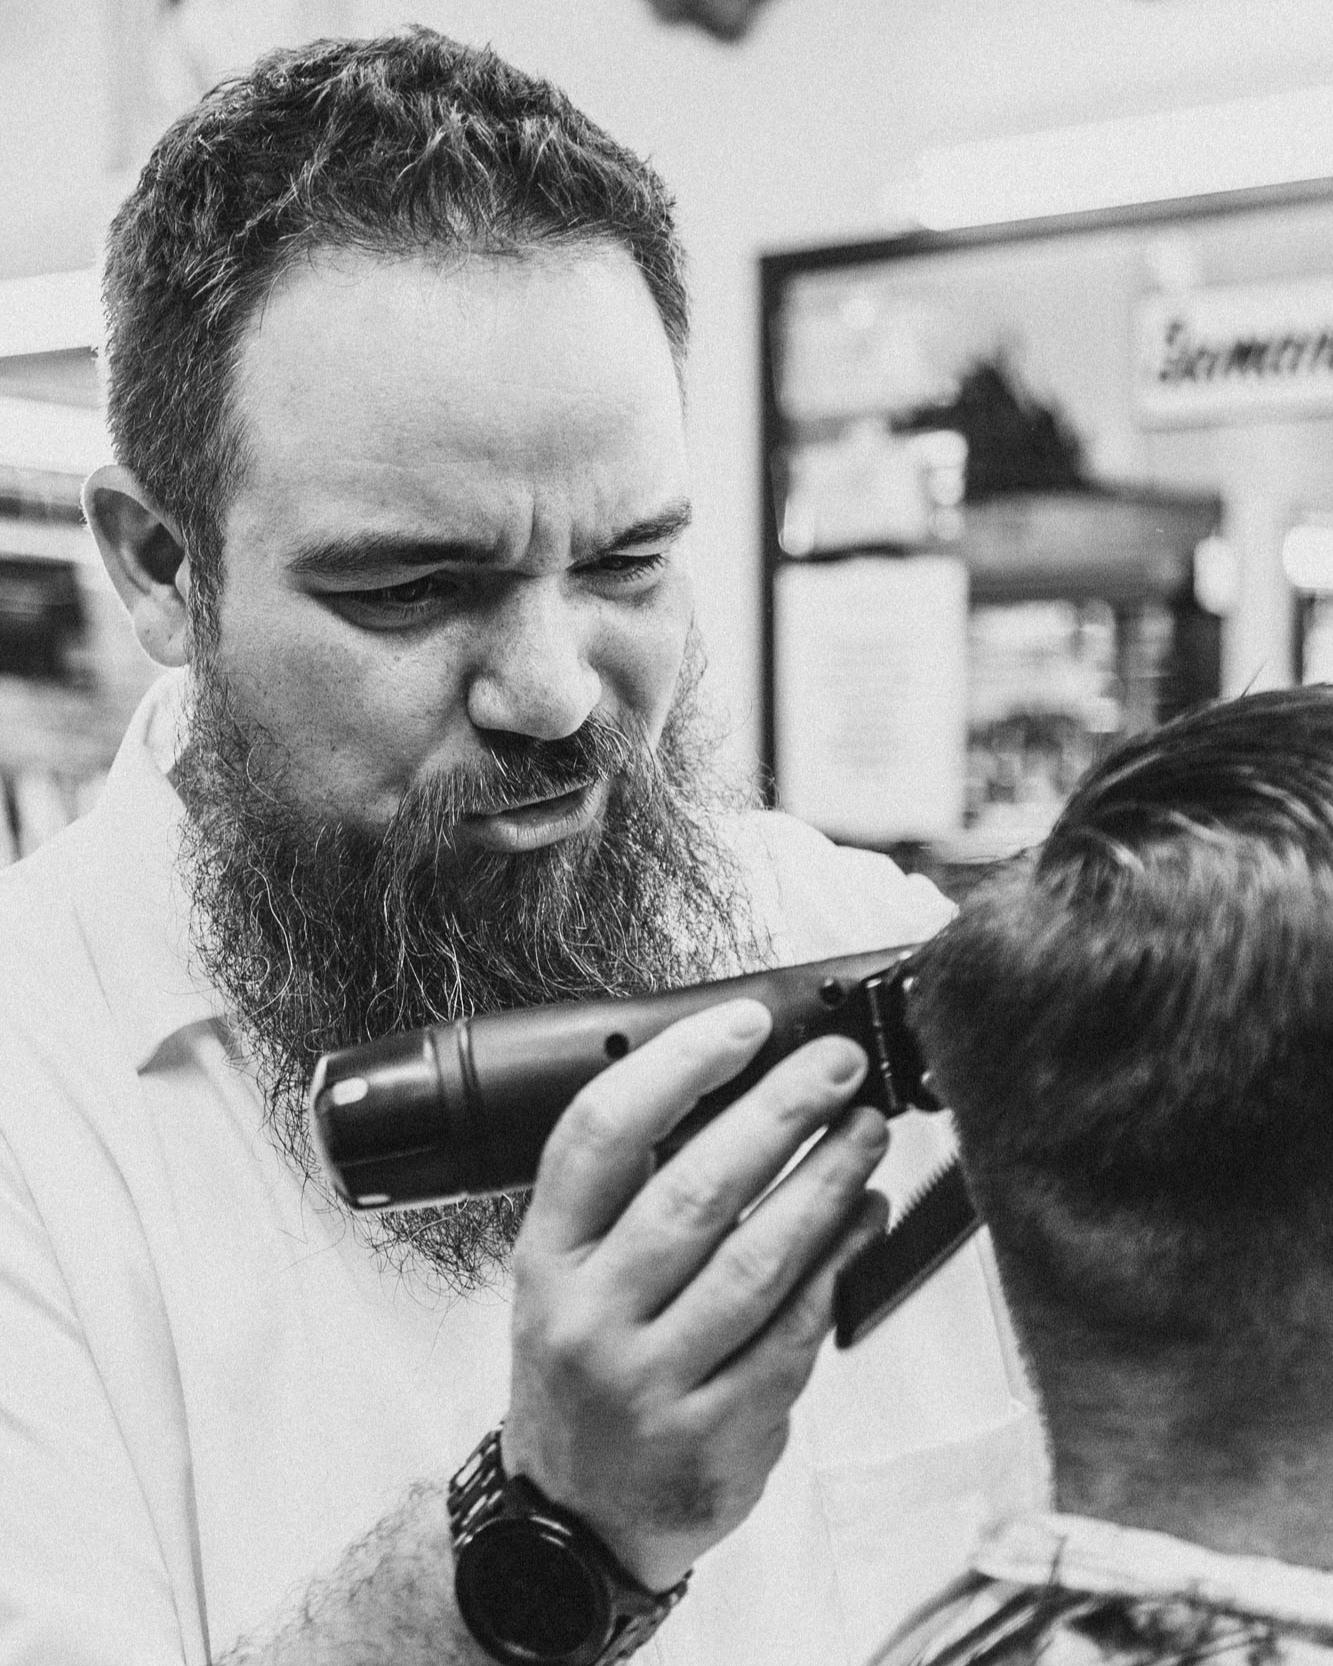 _Y1D9008_Lyles Barbershop_20190627-2.jpg